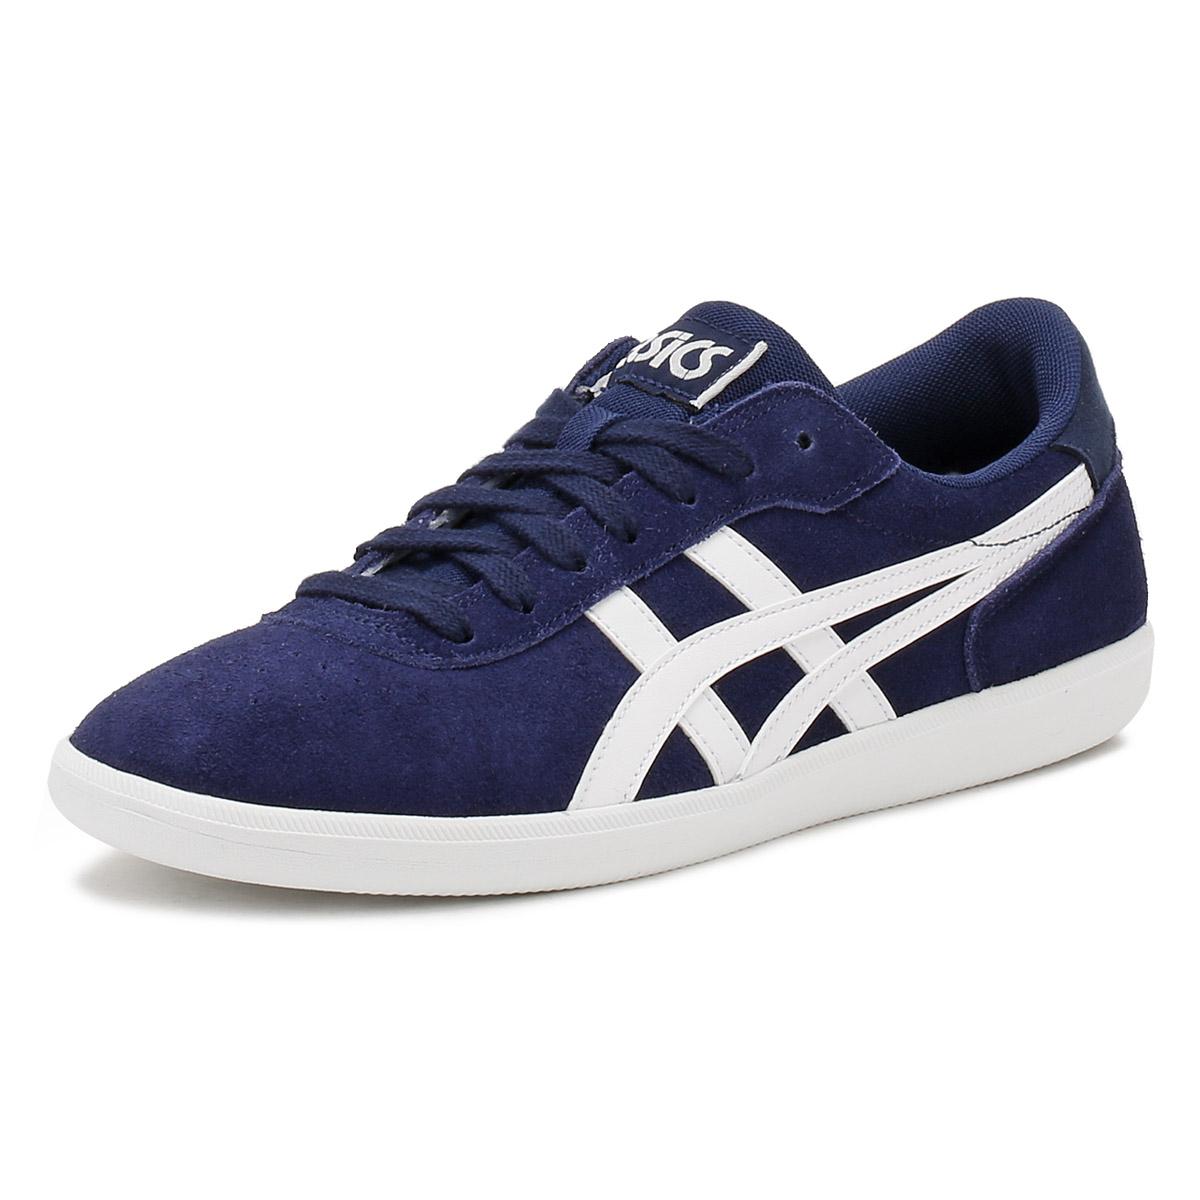 asics mens casual sneakers